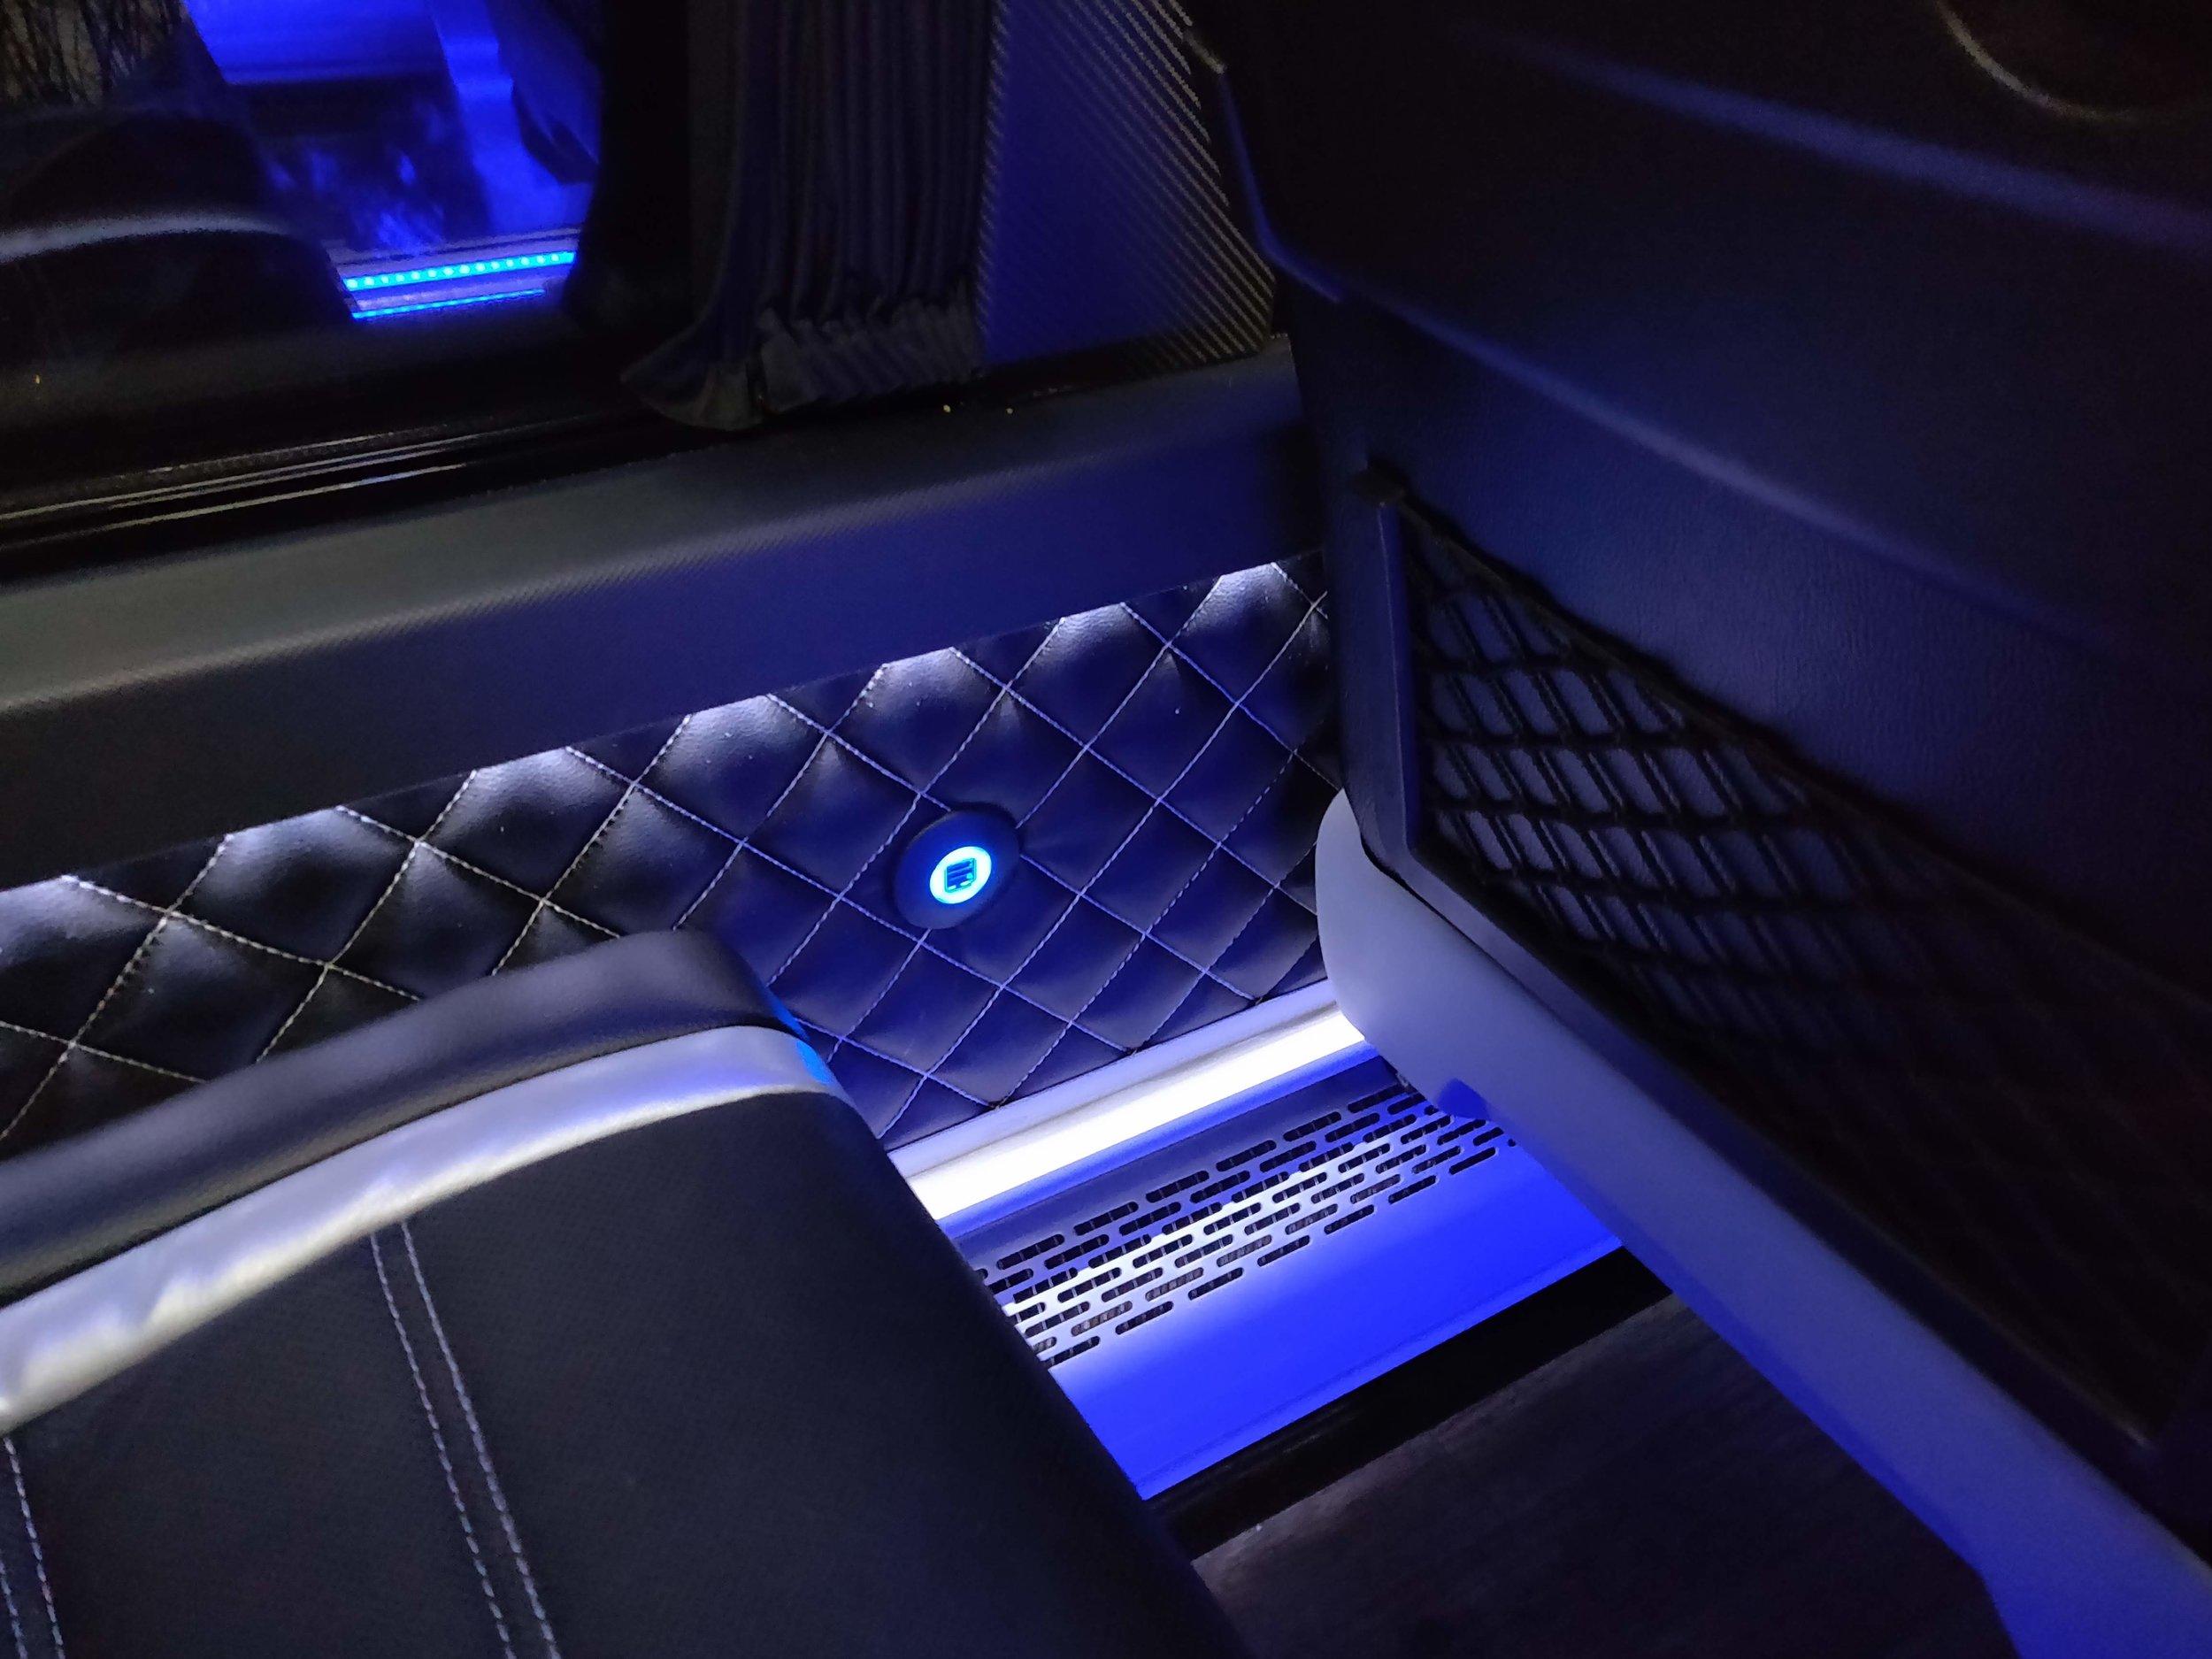 Pikkubussissa on myös USB-latauspaikat lähes jokaisella penkkirivillä.